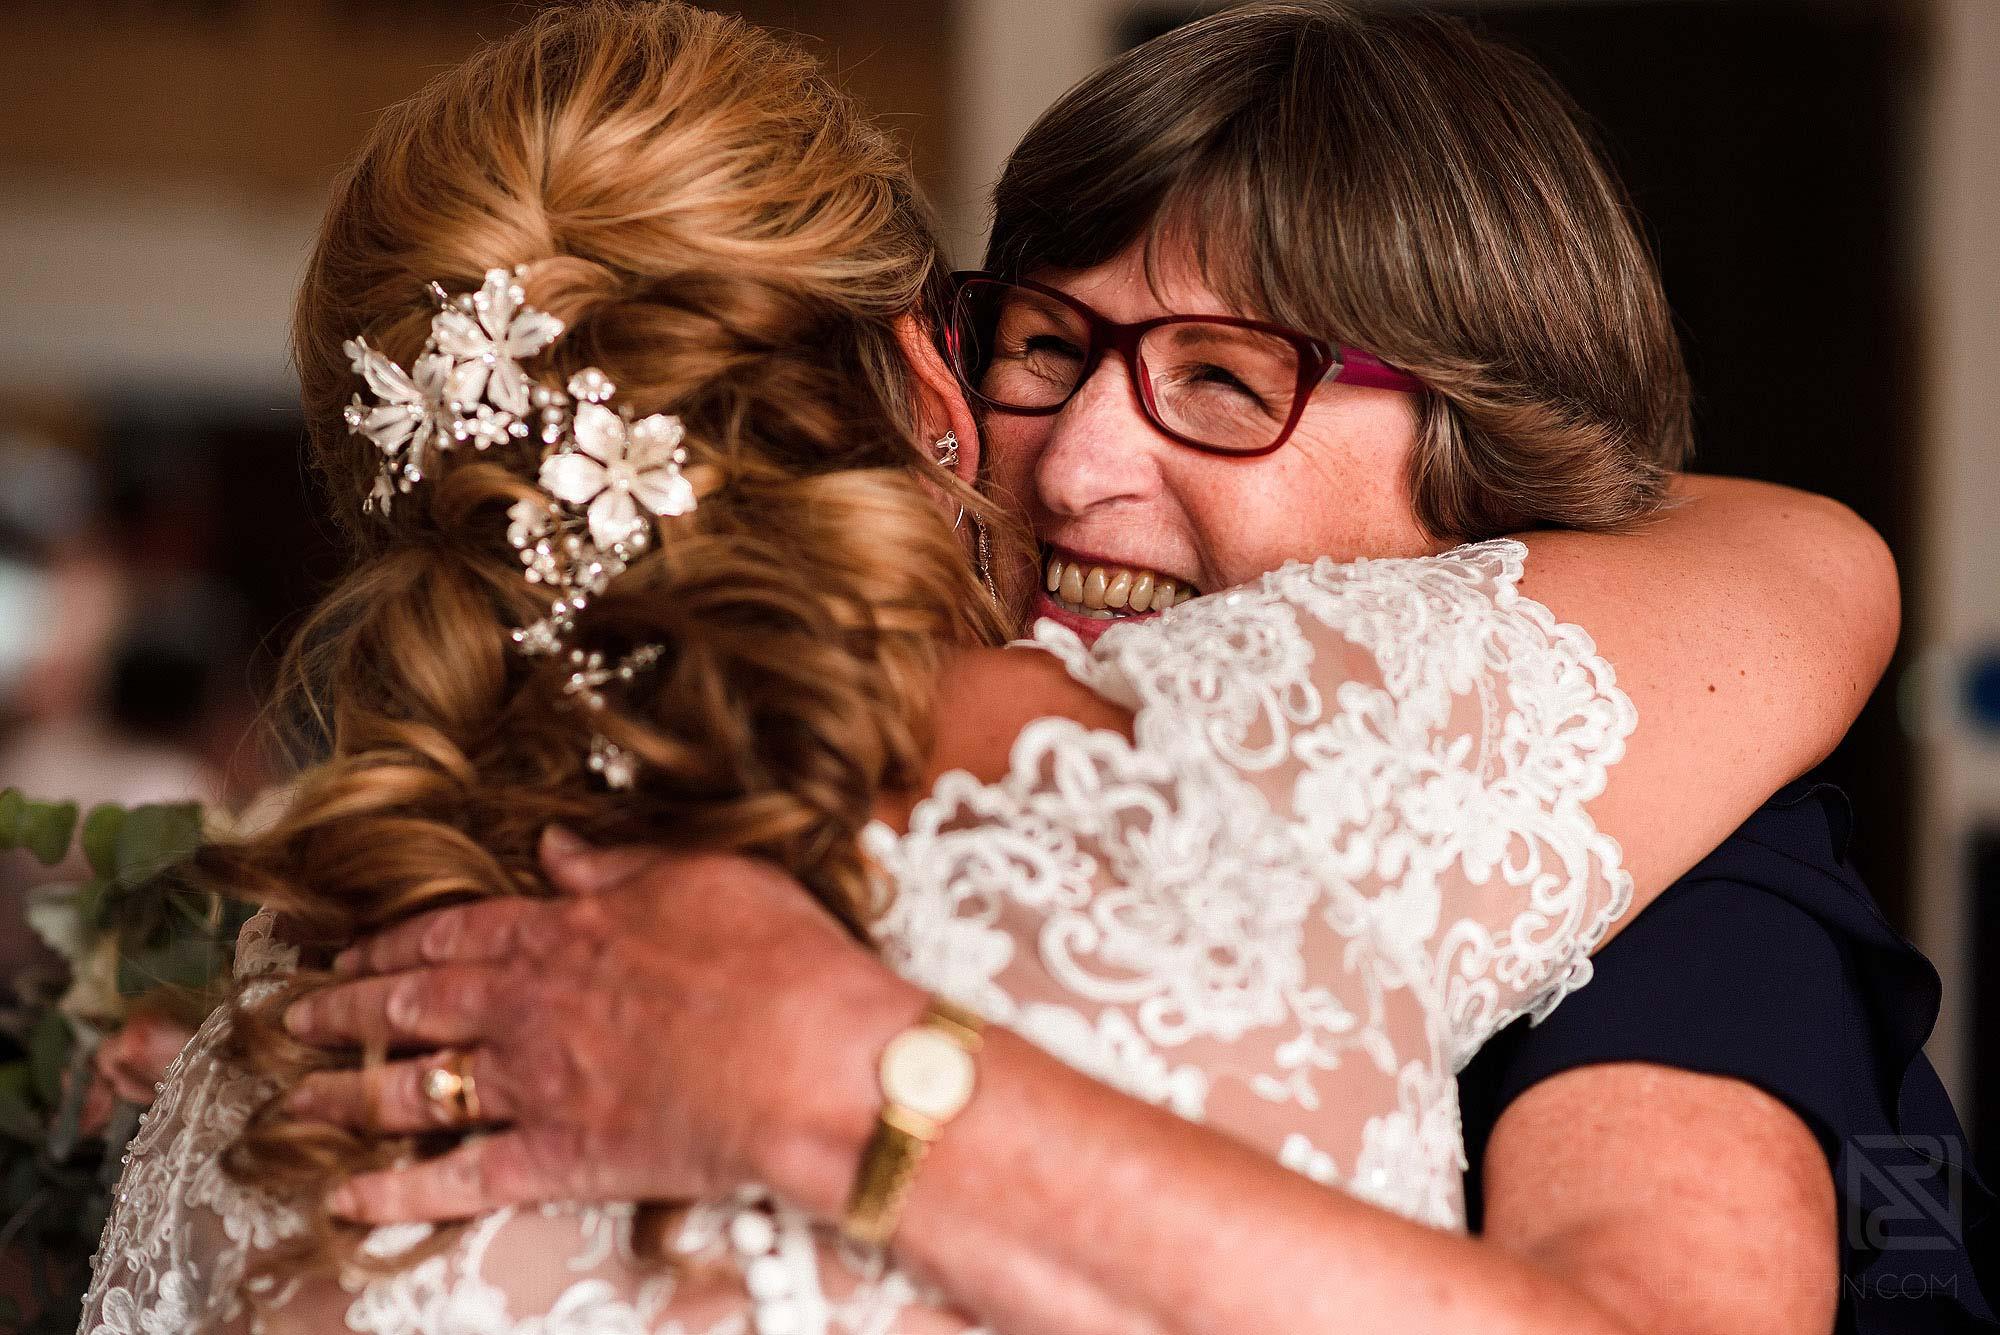 emotional hug between friend and bride